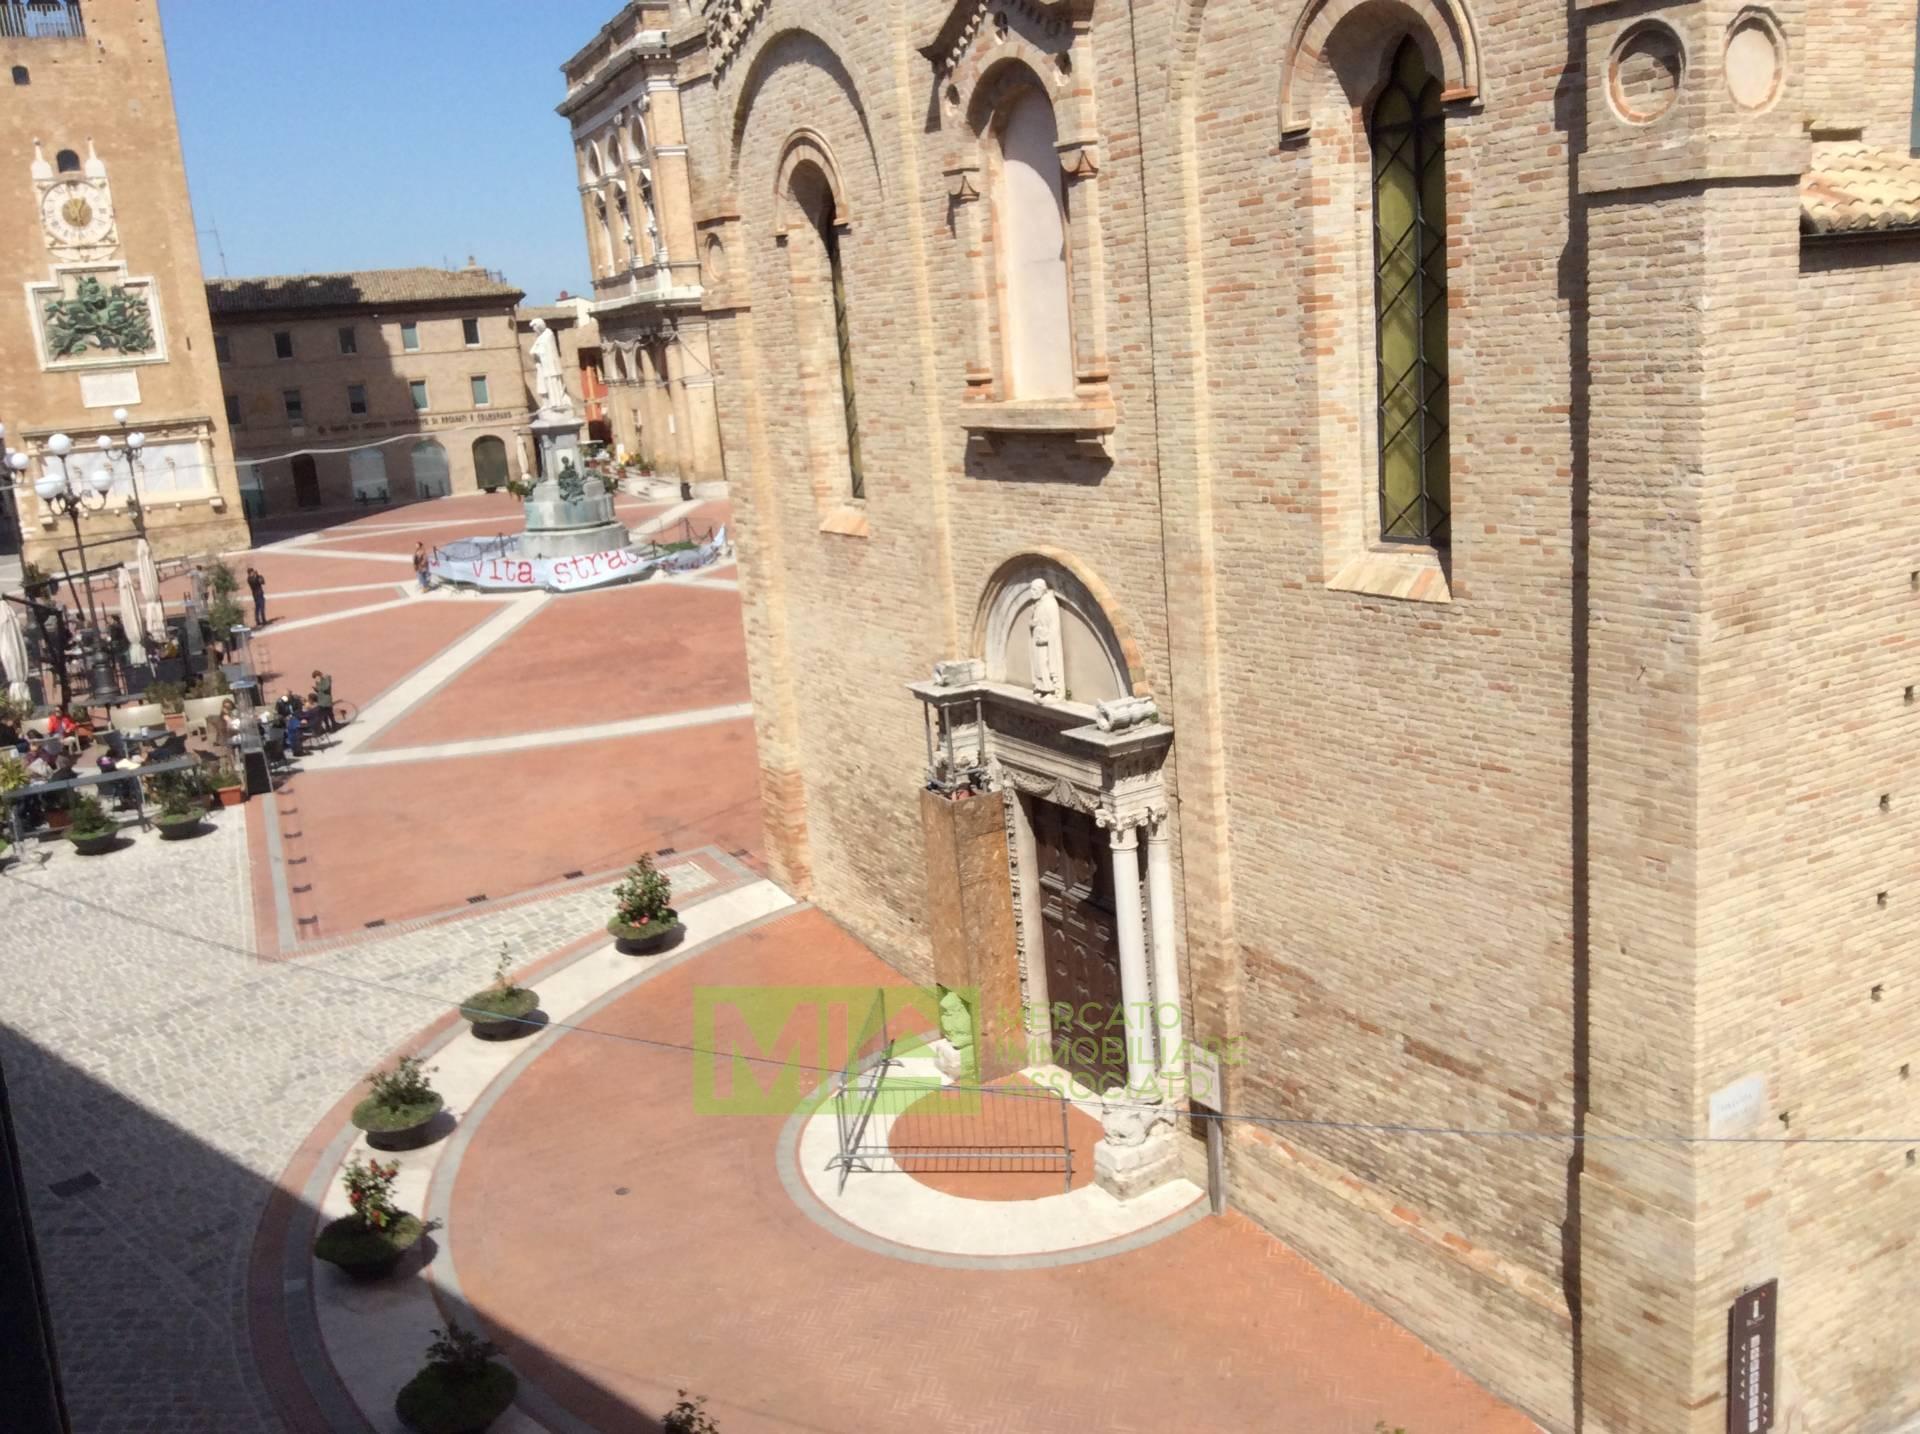 Ufficio / Studio in vendita a Recanati, 9999 locali, zona Località: CENTRO, prezzo € 548.000 | CambioCasa.it